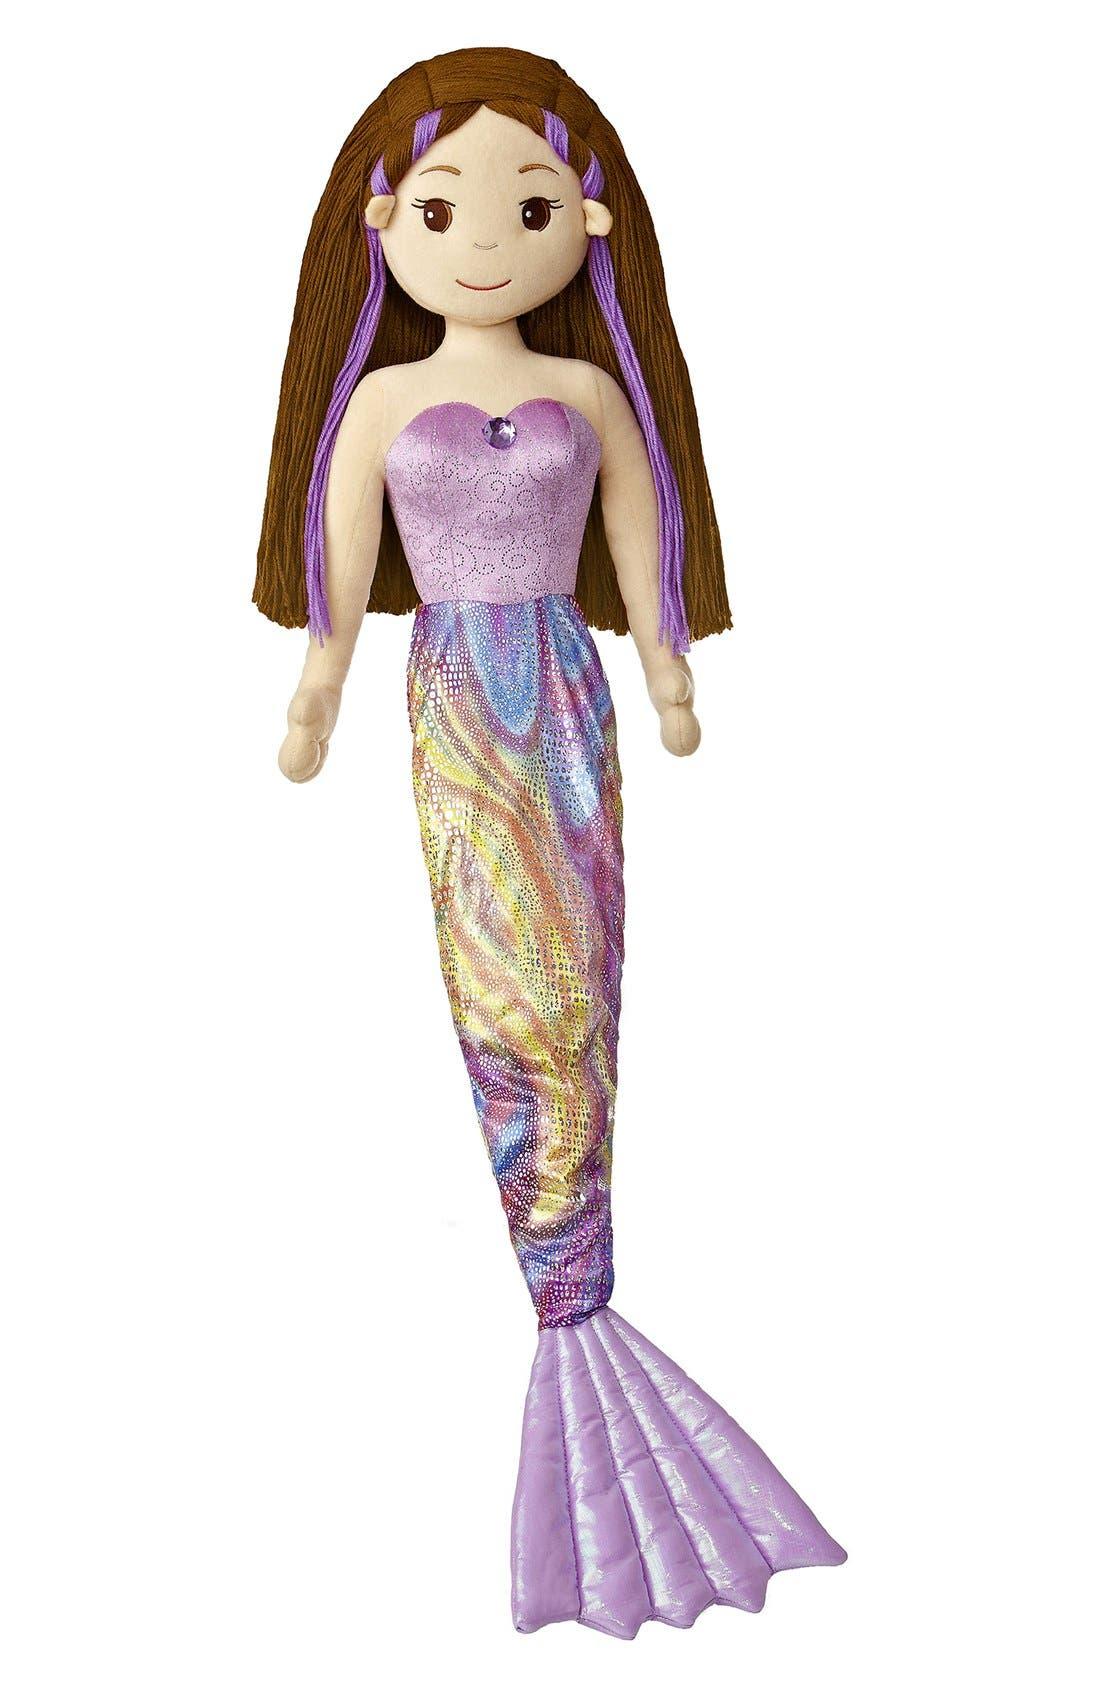 Aurora World Toys 'Merissa' Stuffed Doll